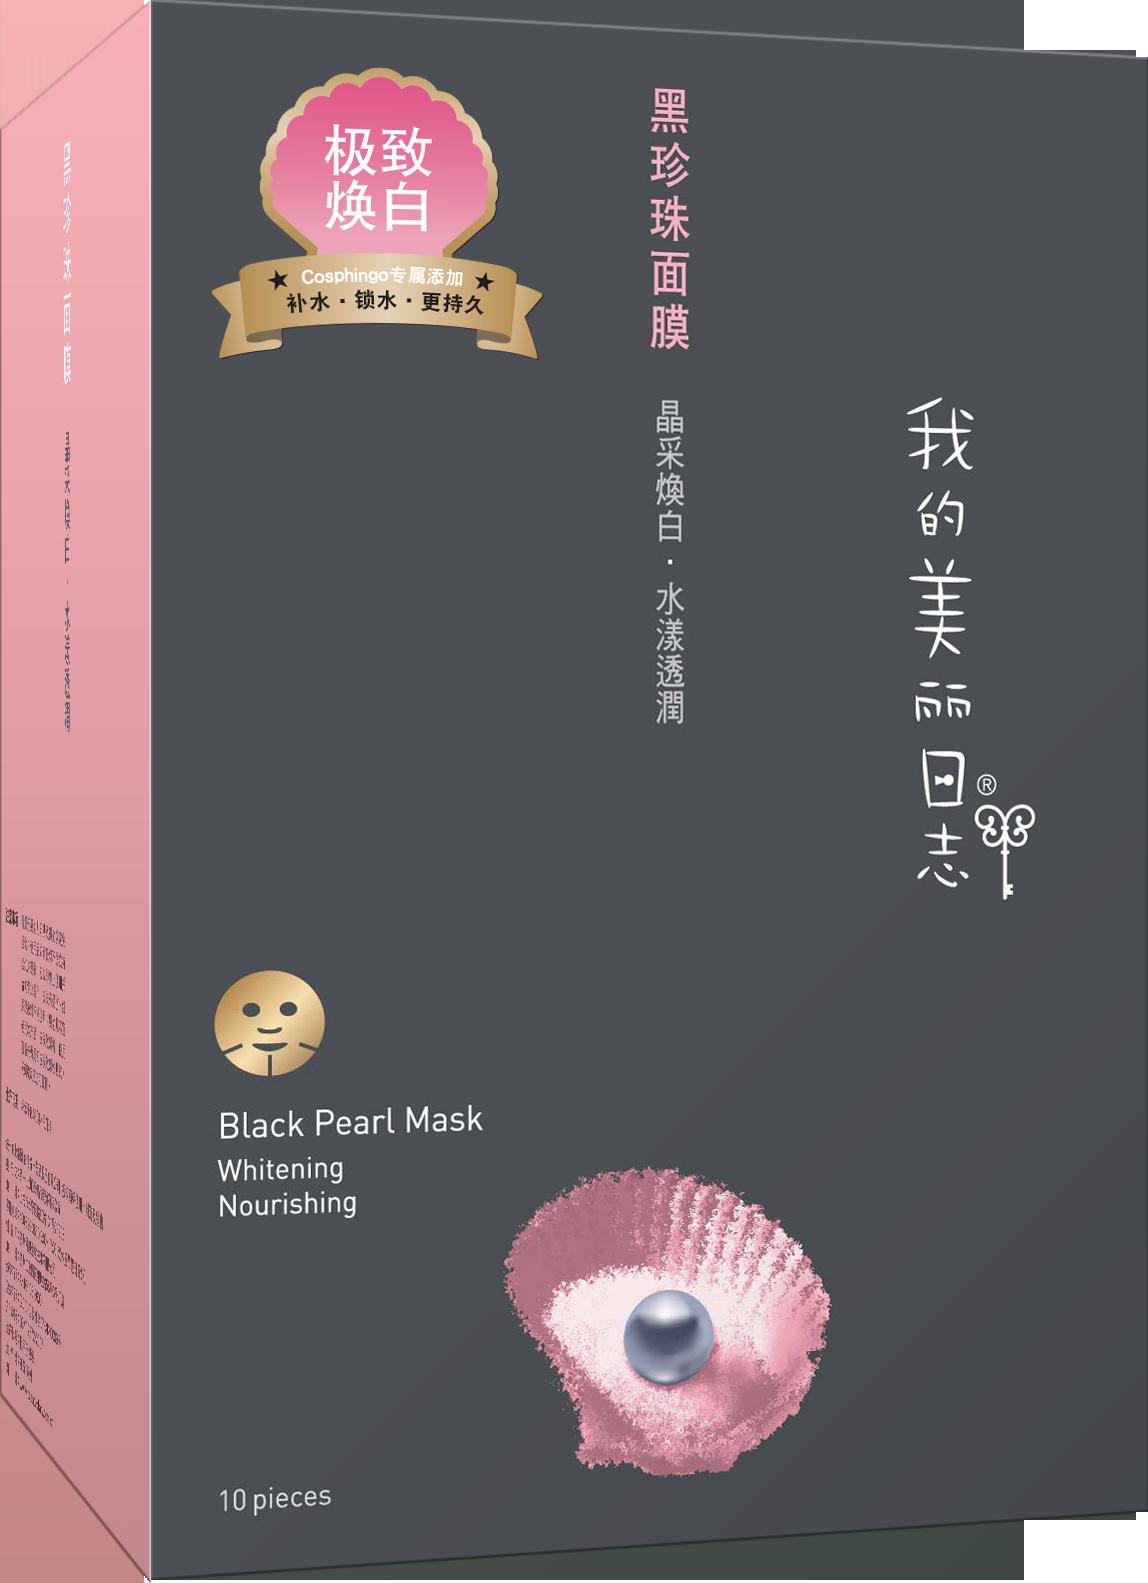 黑珍珠面膜